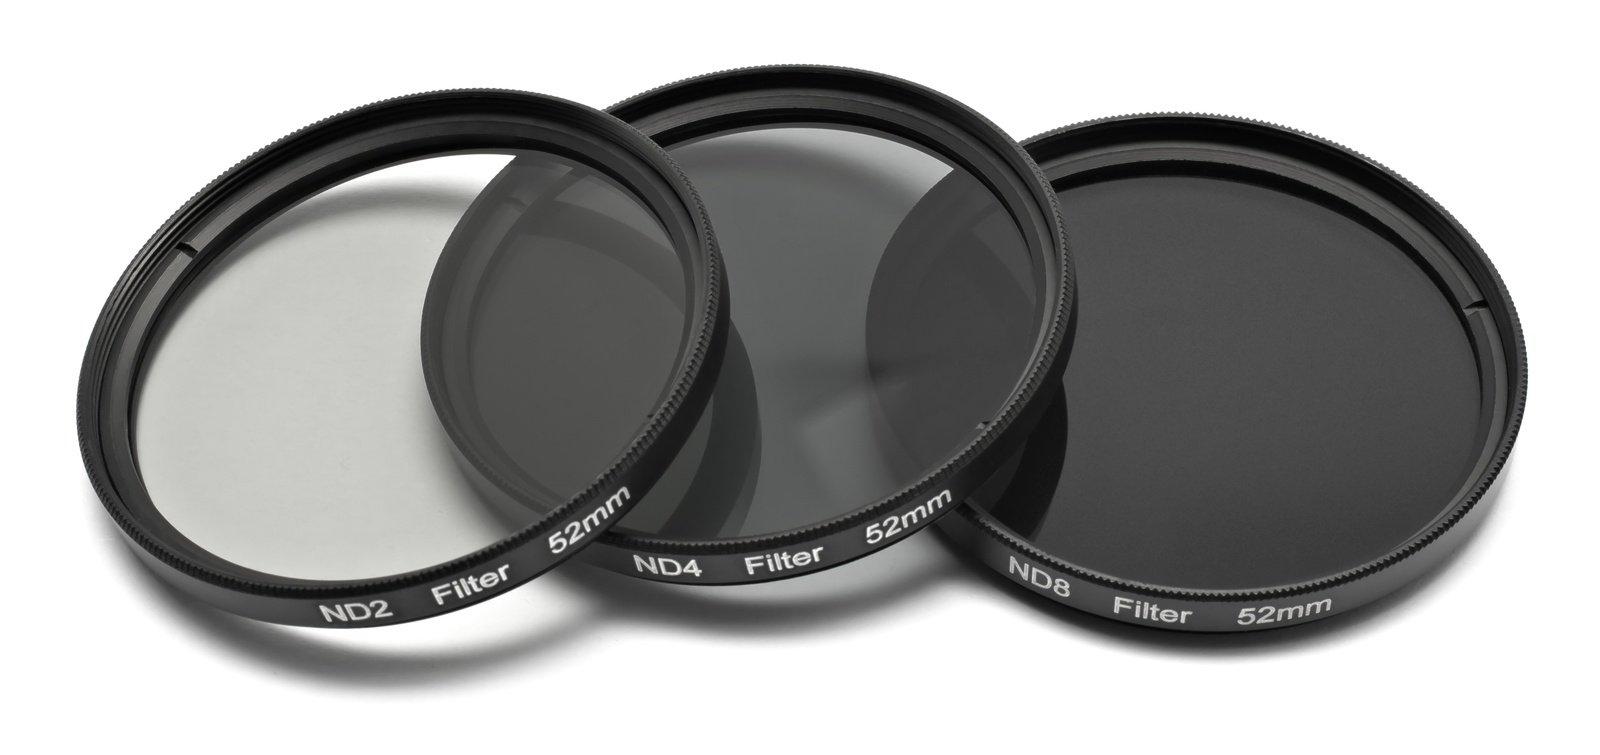 ROKO ND Filter Set für 52mm ND 0.3 / 0.6 / 0.9 bzw. ND 2 4 8.